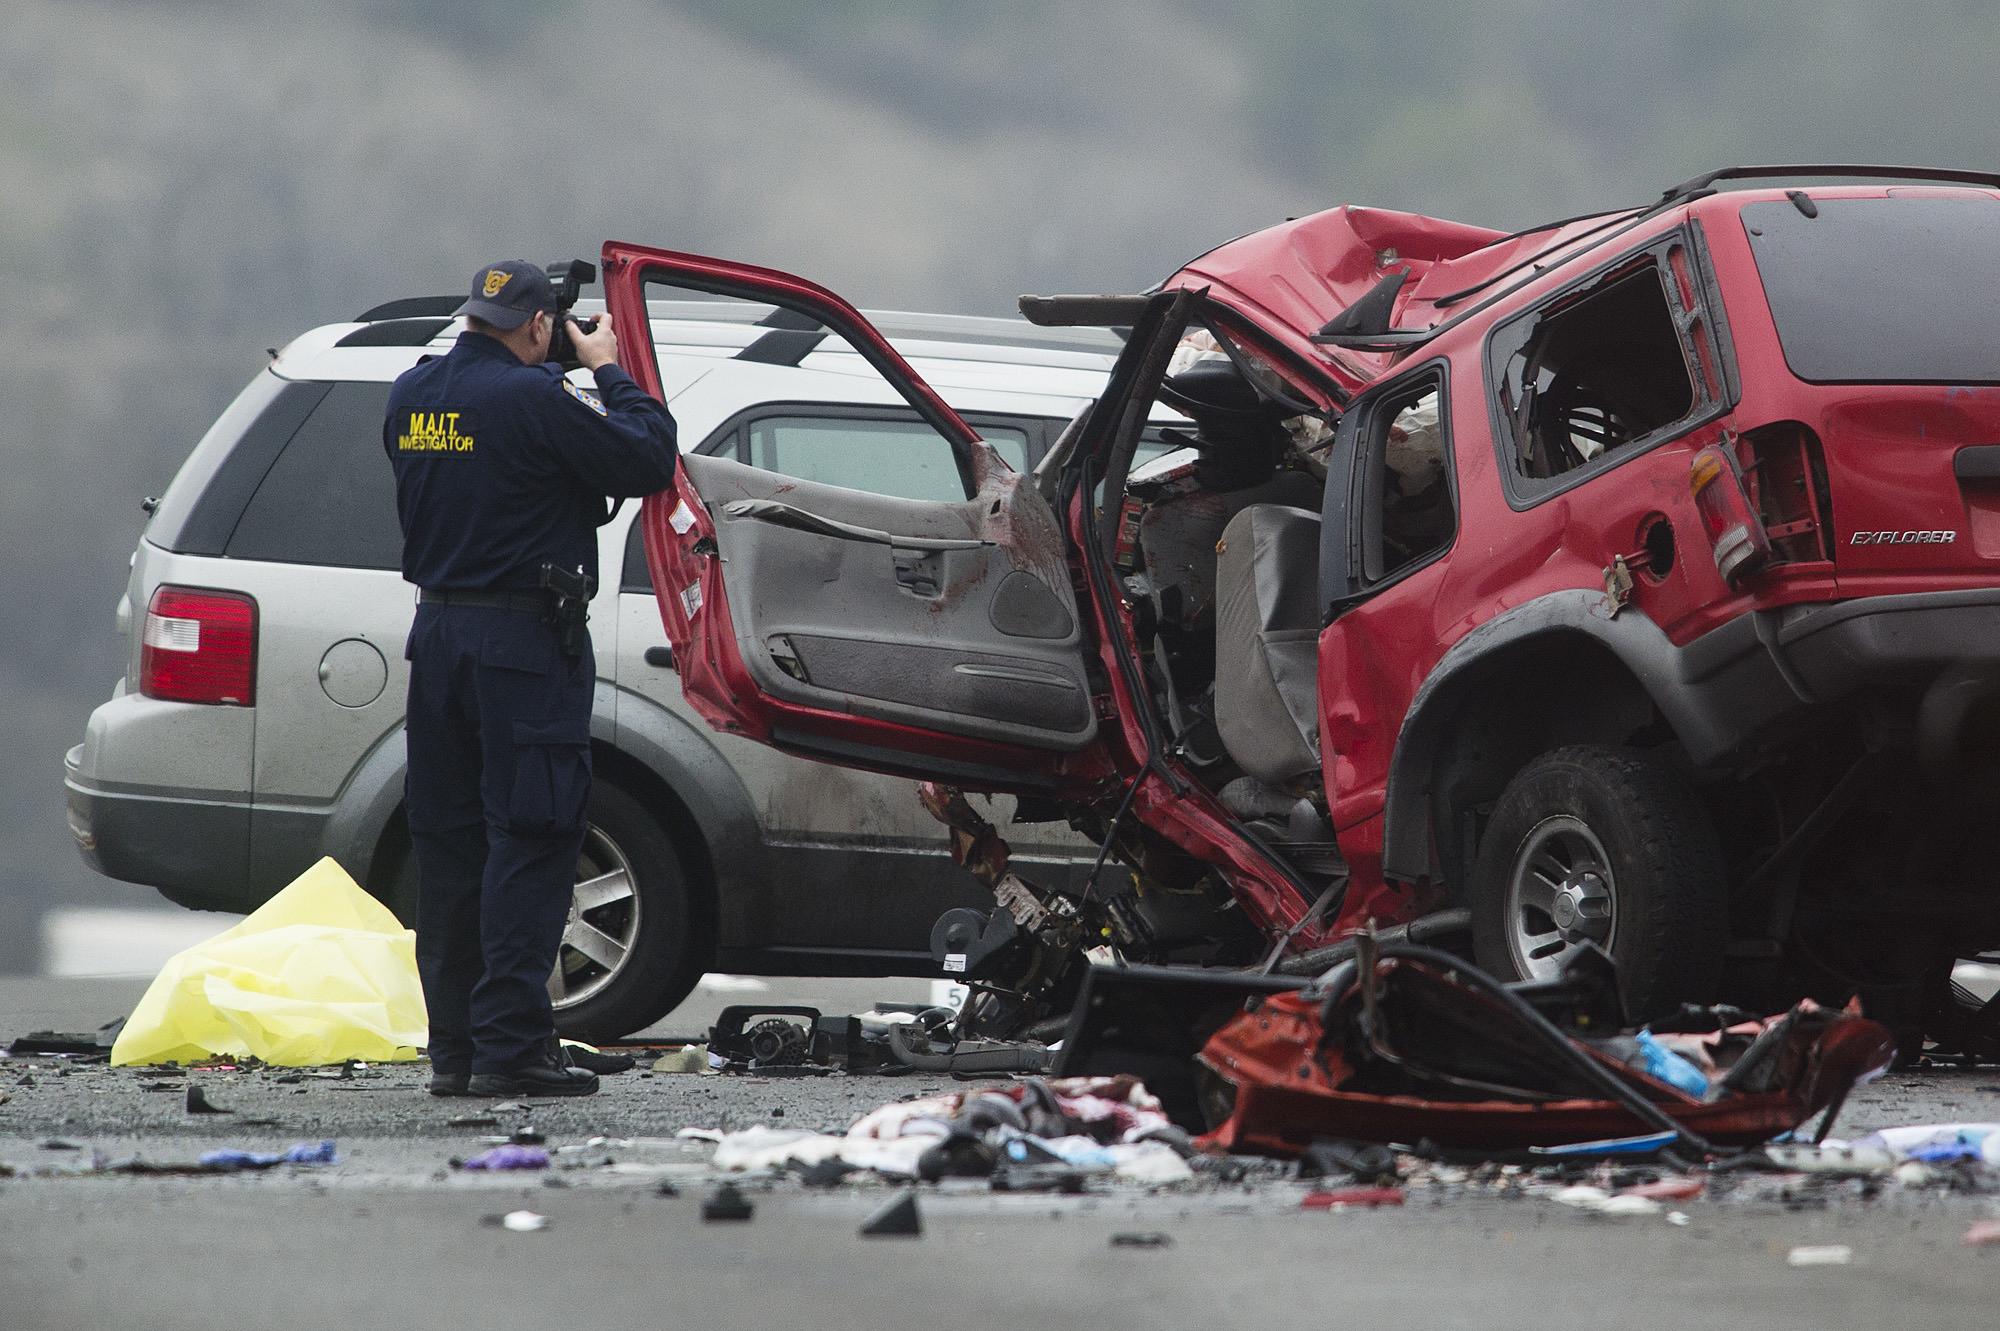 Carros com mais de 11 anos envolvidos em 40% dos acidentes